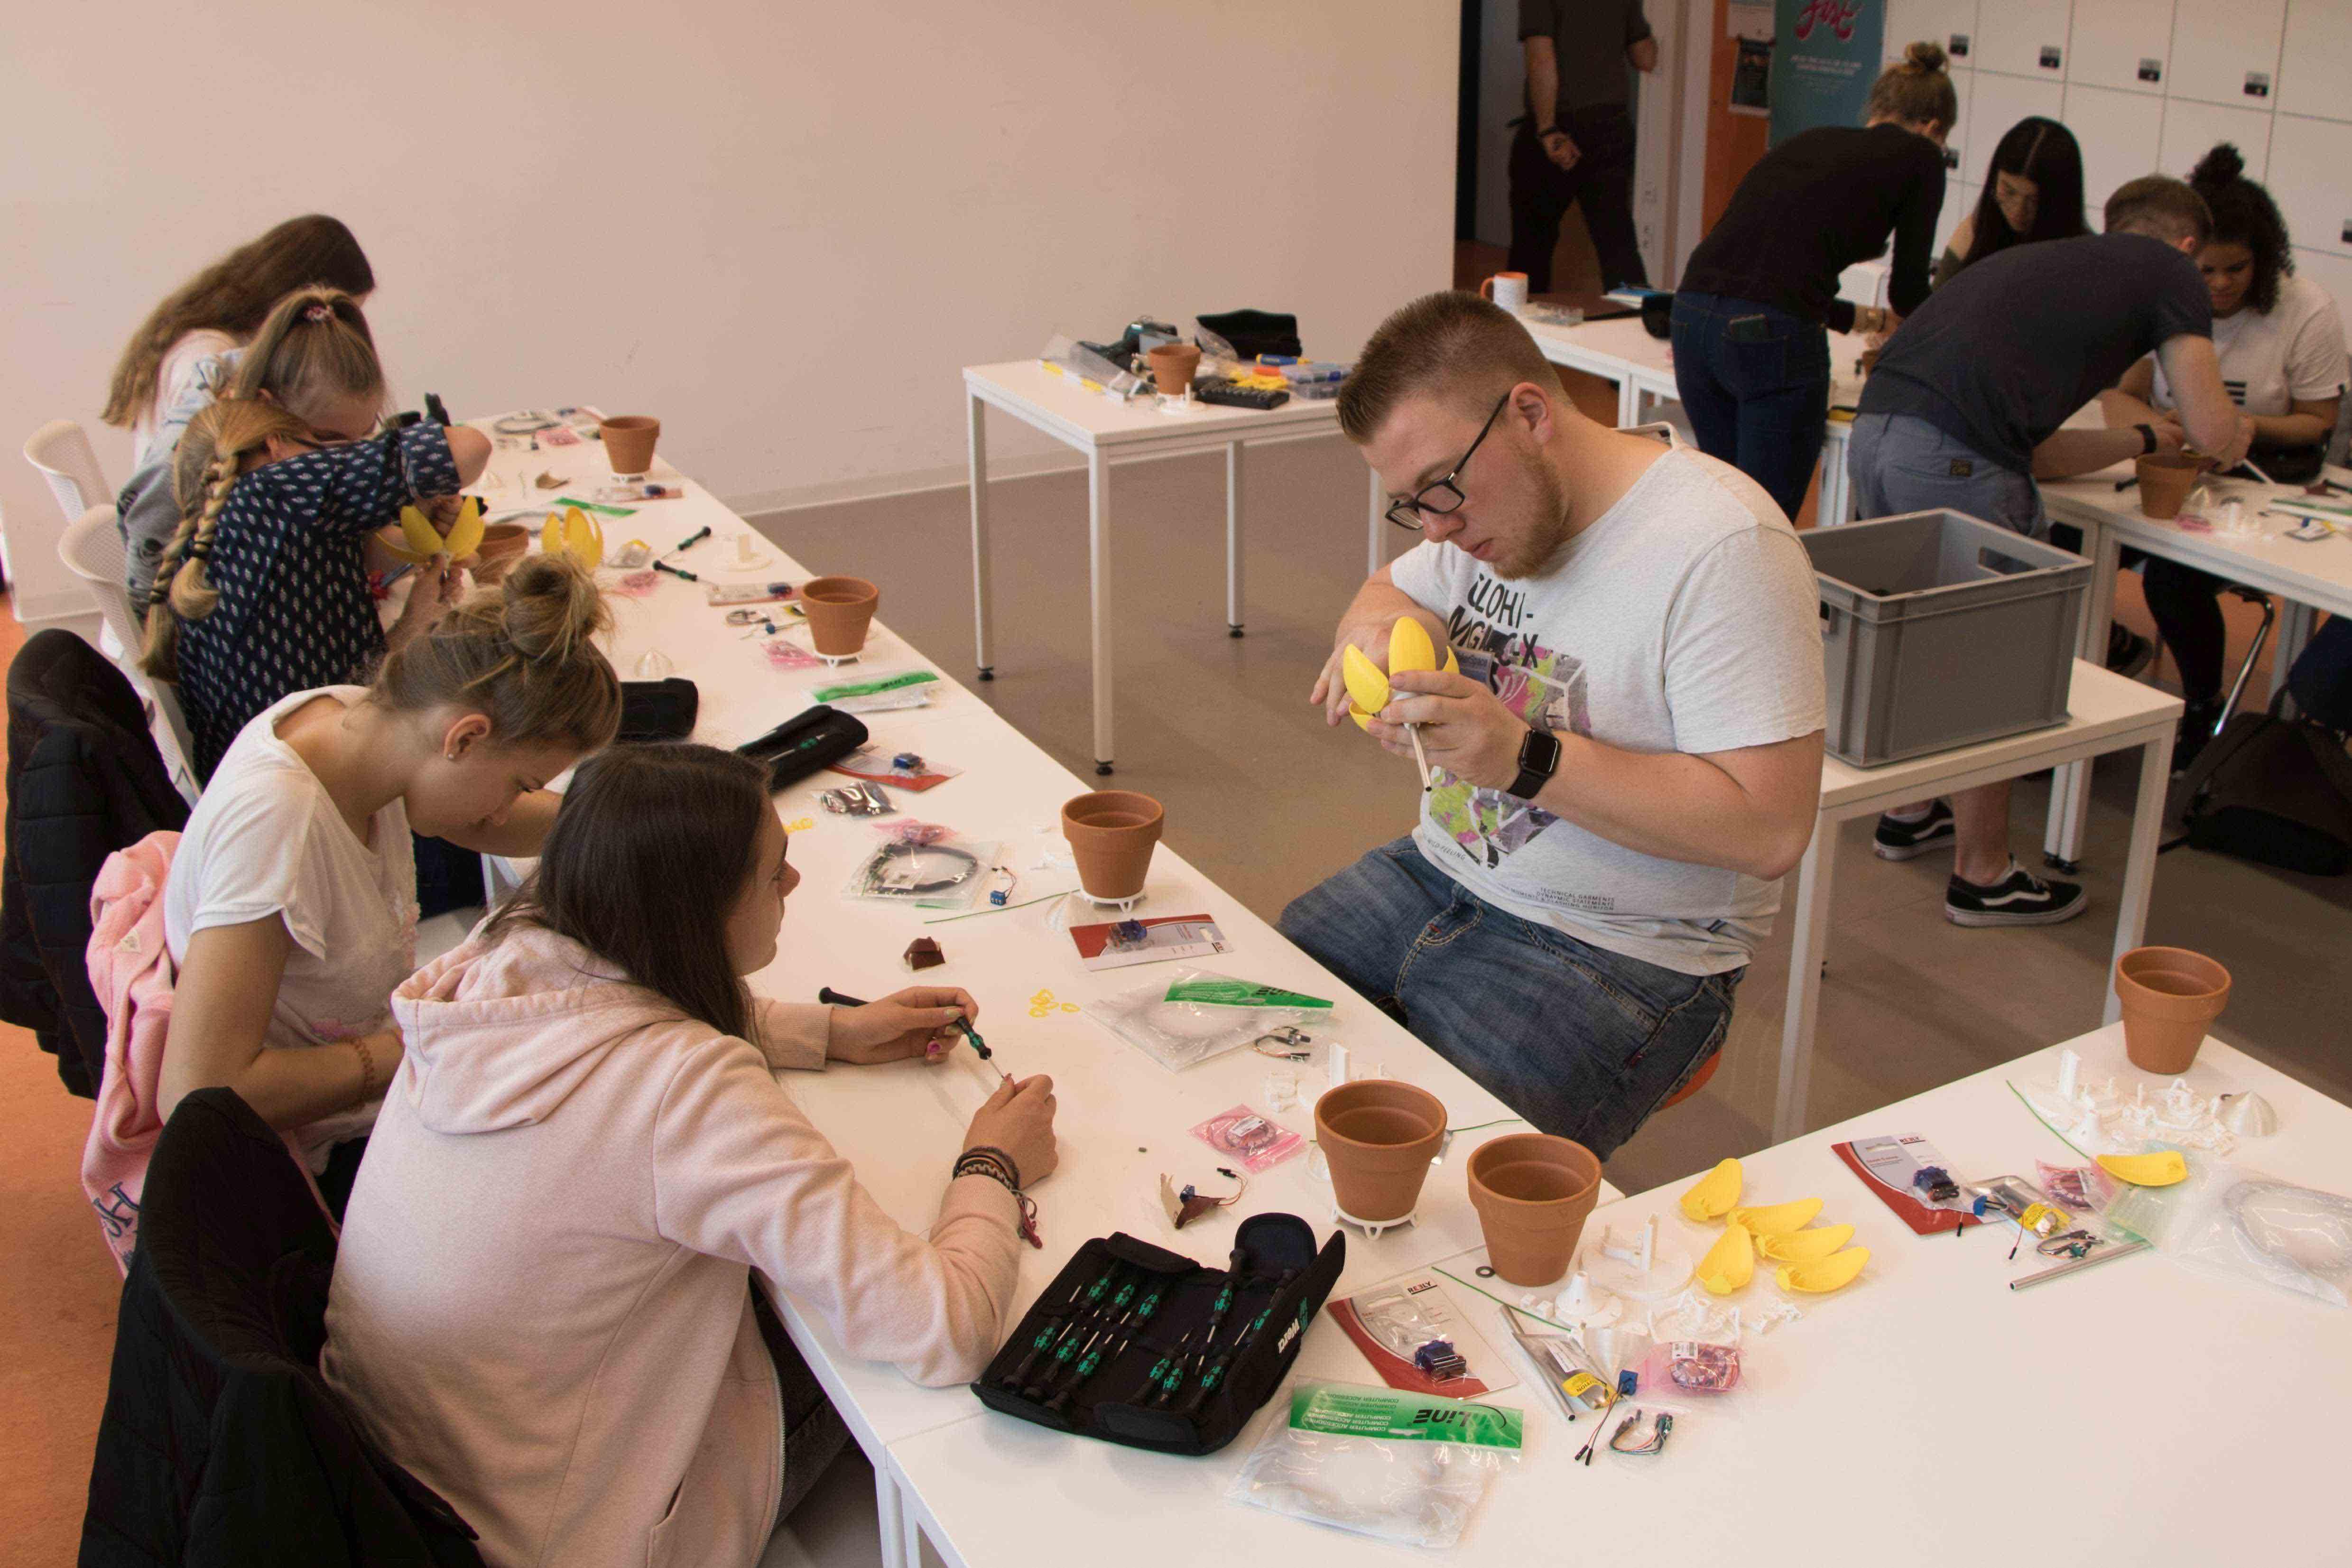 Informatik-Student Noel Bastijans half den Schülerinnen bei der Arbeit. (Foto: Hochschule Niederrhein)